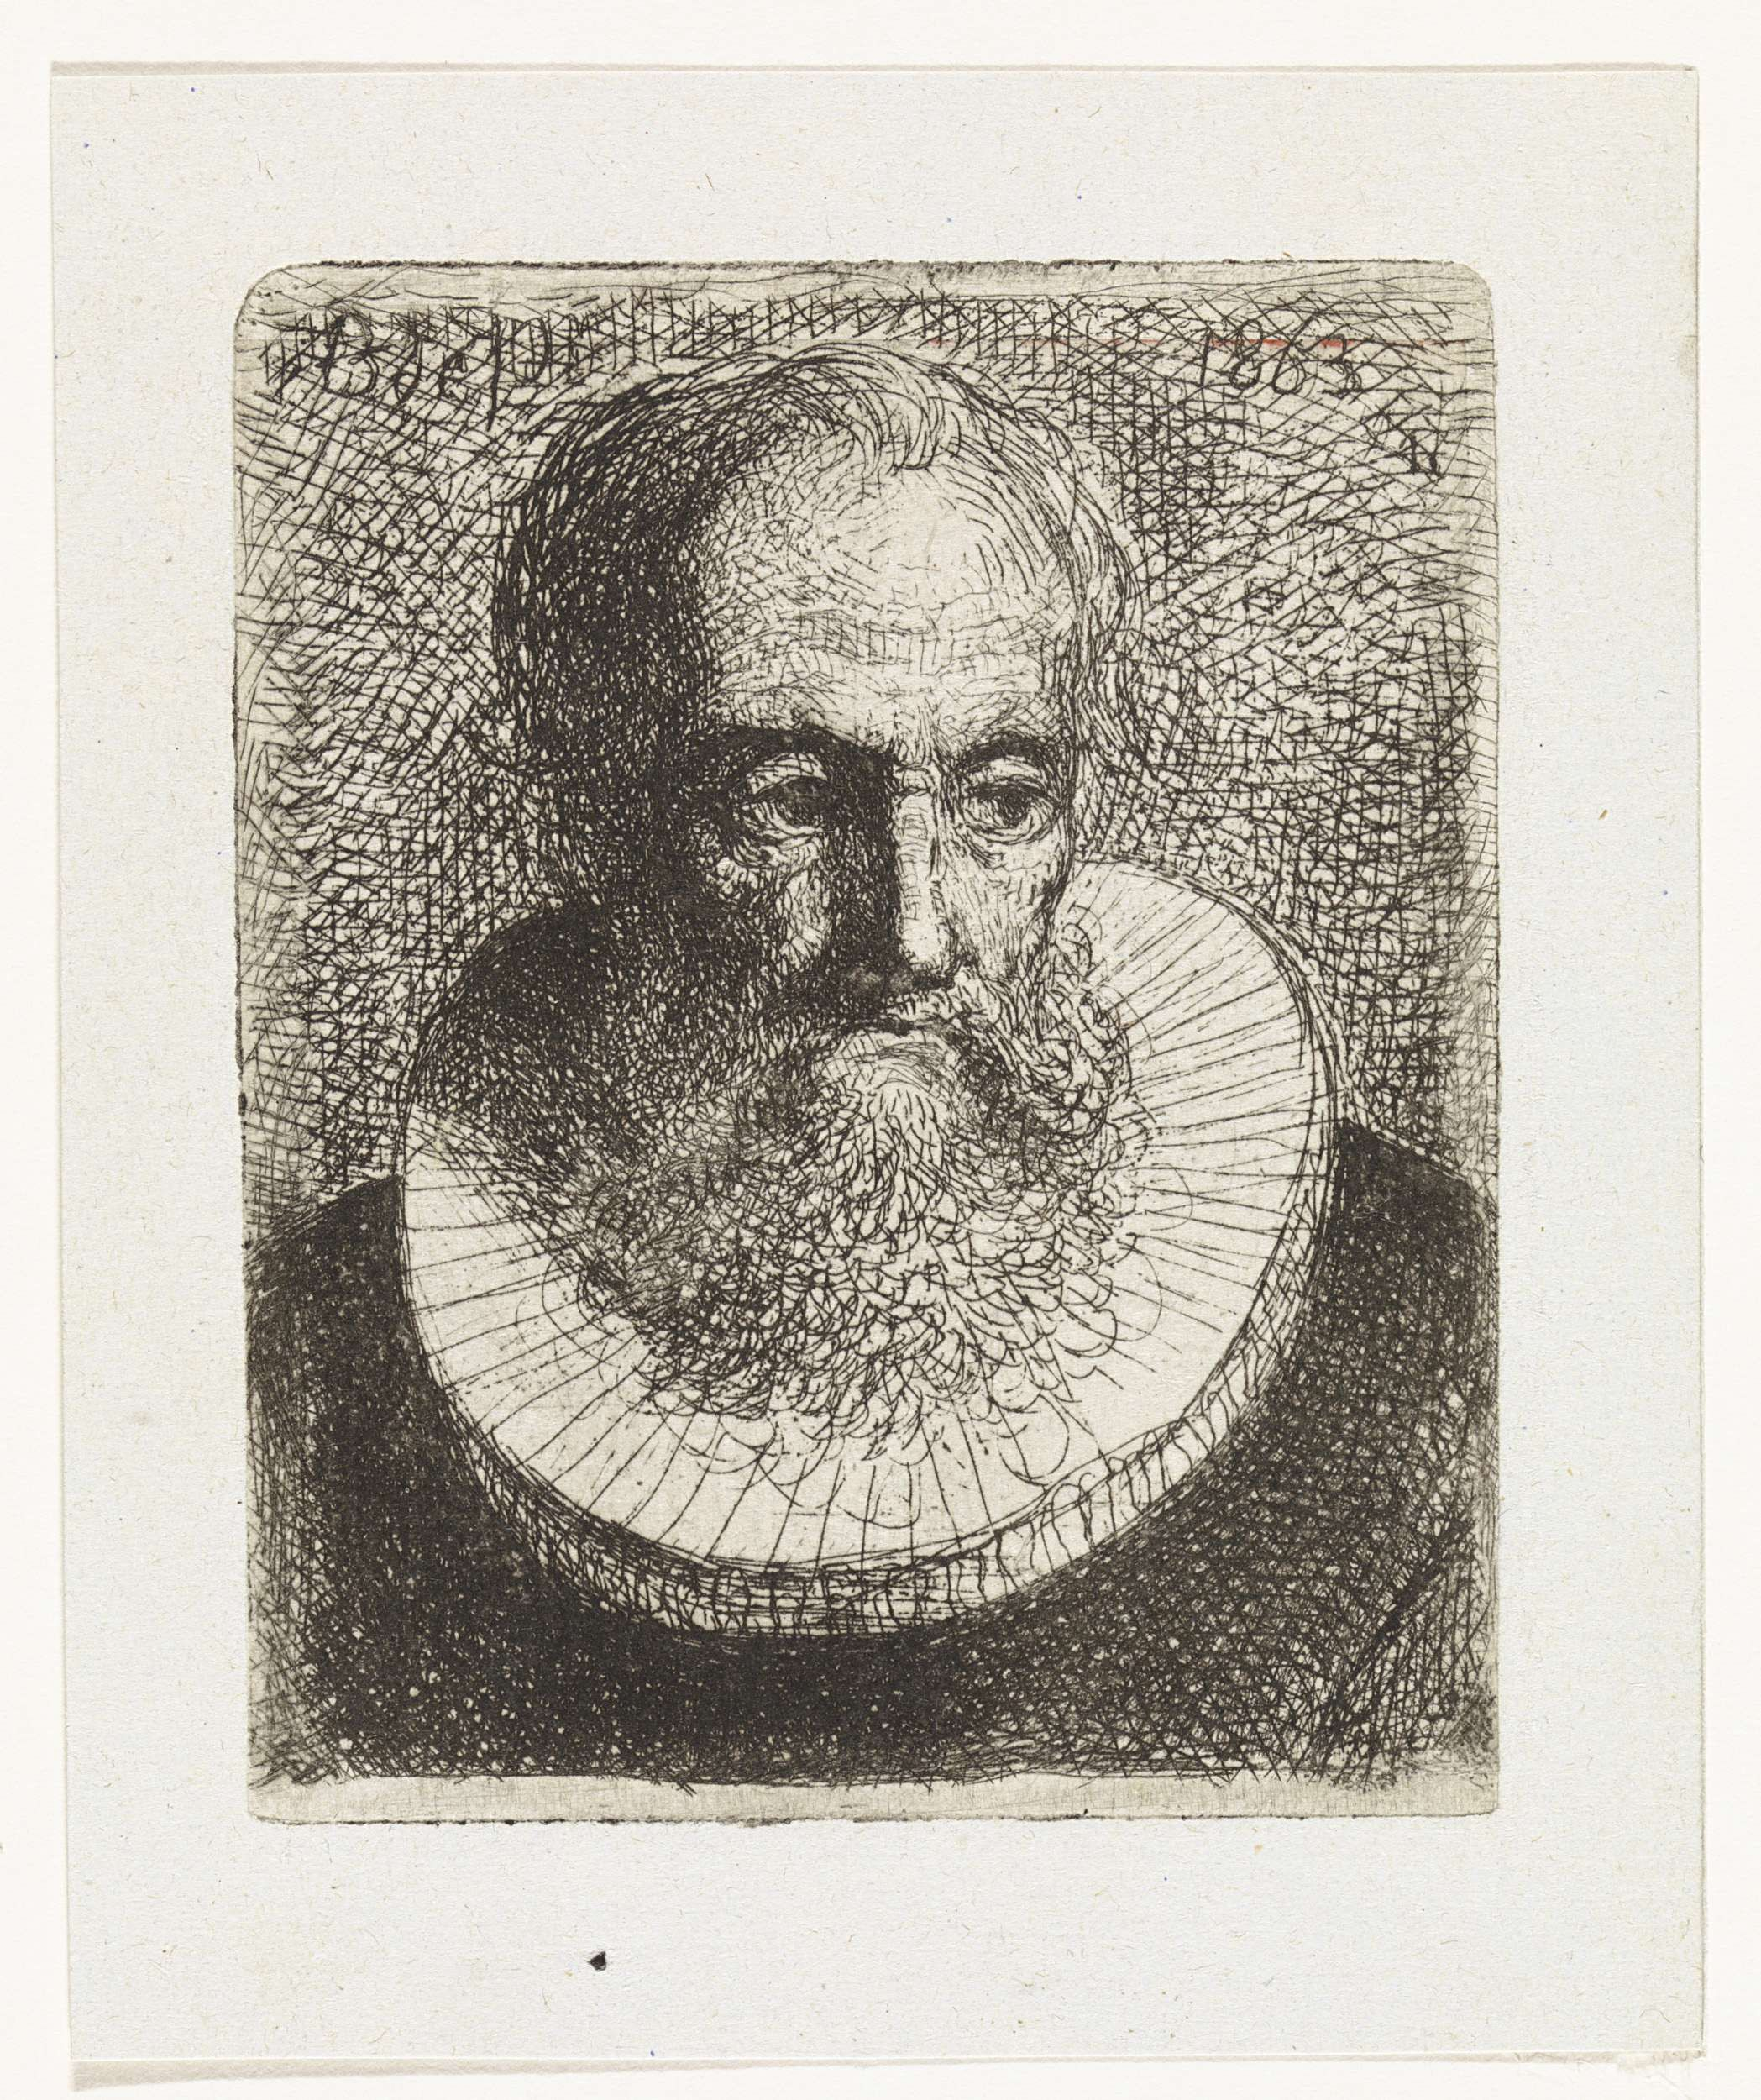 Bastiaan de Poorter | Portret van een onbekende man, Bastiaan de Poorter, 1863 | Portret van een man met baard en plooikraag.